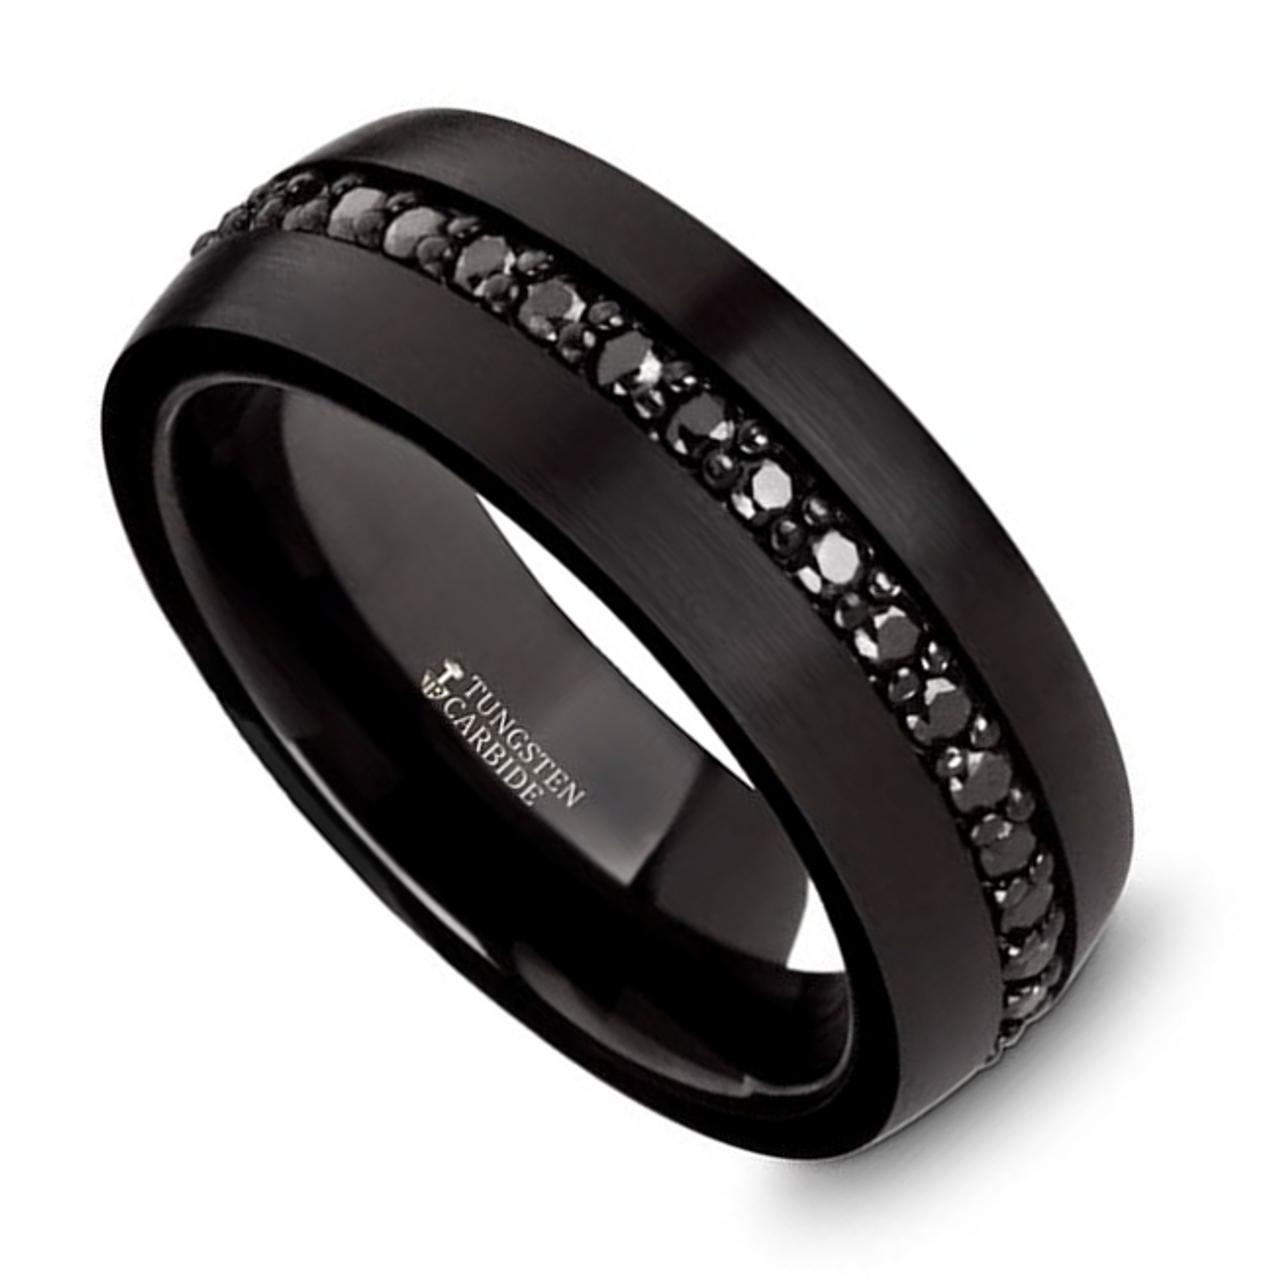 Ernst Black Tungsten Carbide Men S Wedding Band With Black Sapphires